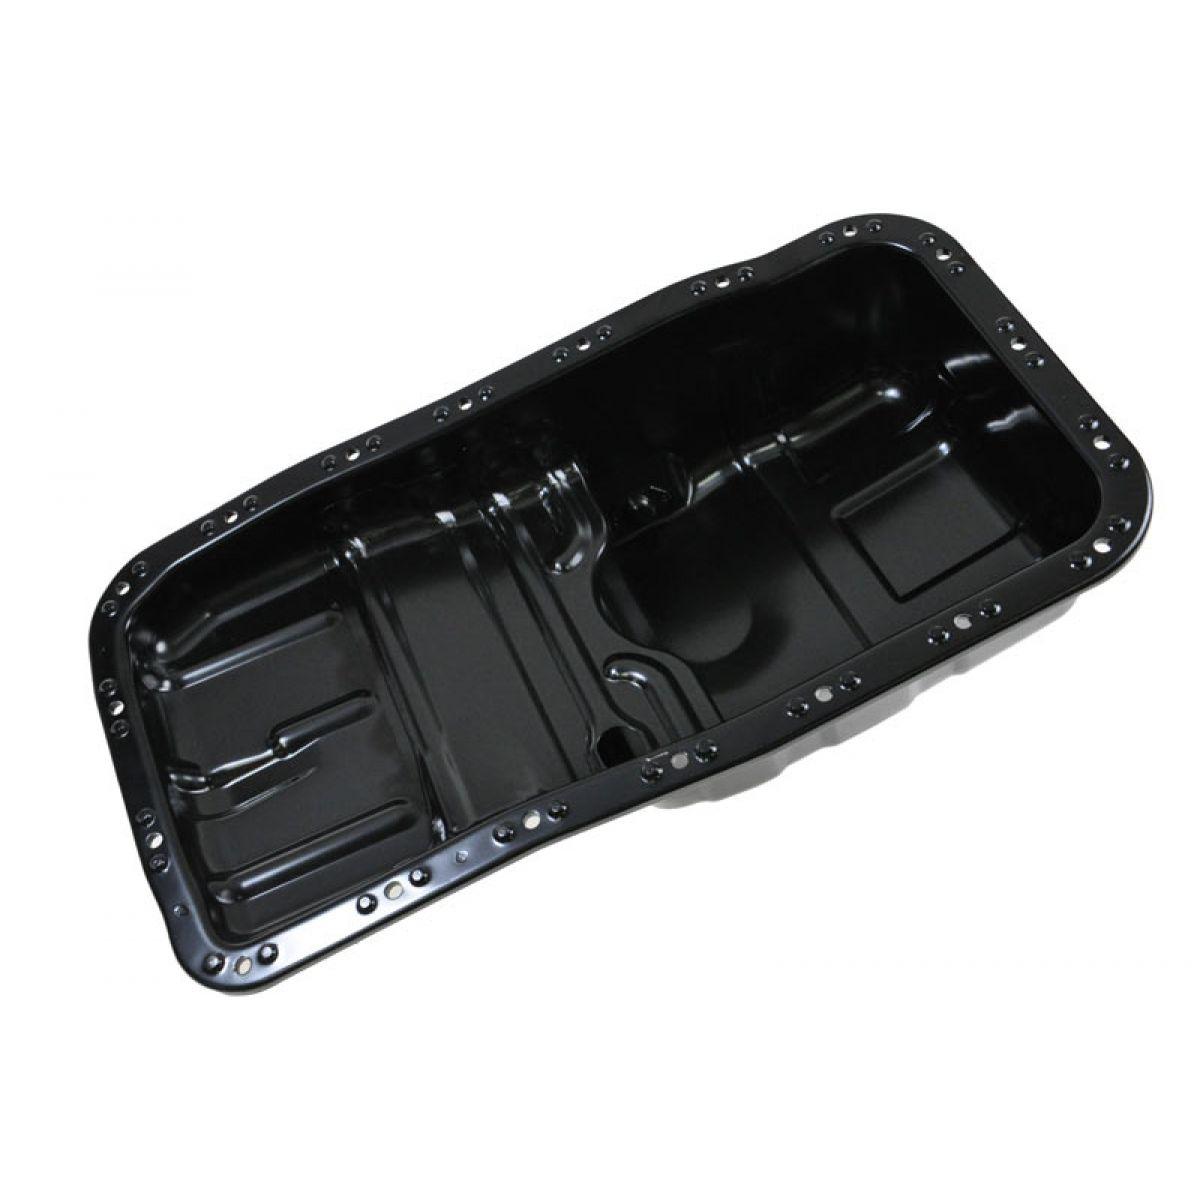 New Oil Pan Black For Honda CR-V 2001 2000 99 98 97 1999 1998 1997